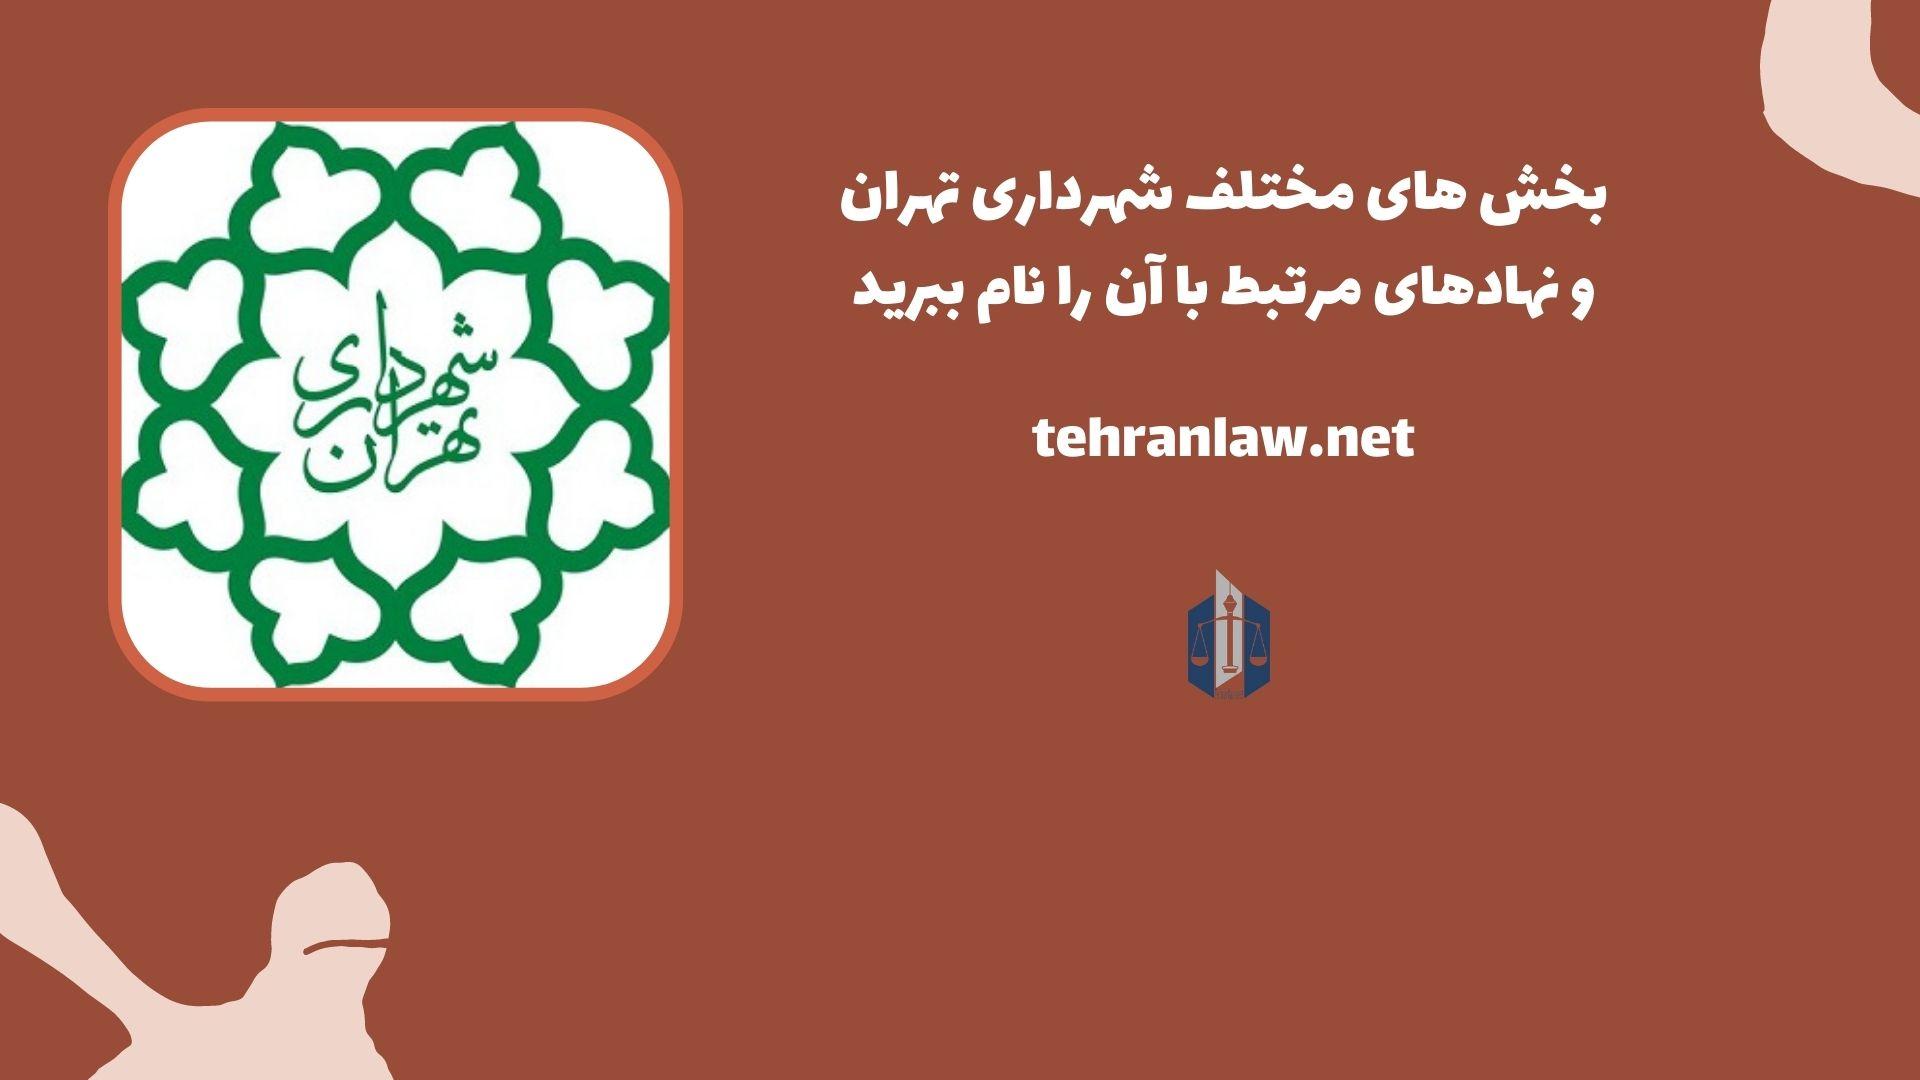 بخش های مختلف شهرداری تهران و نهادهای مرتبط با آن را نام ببرید